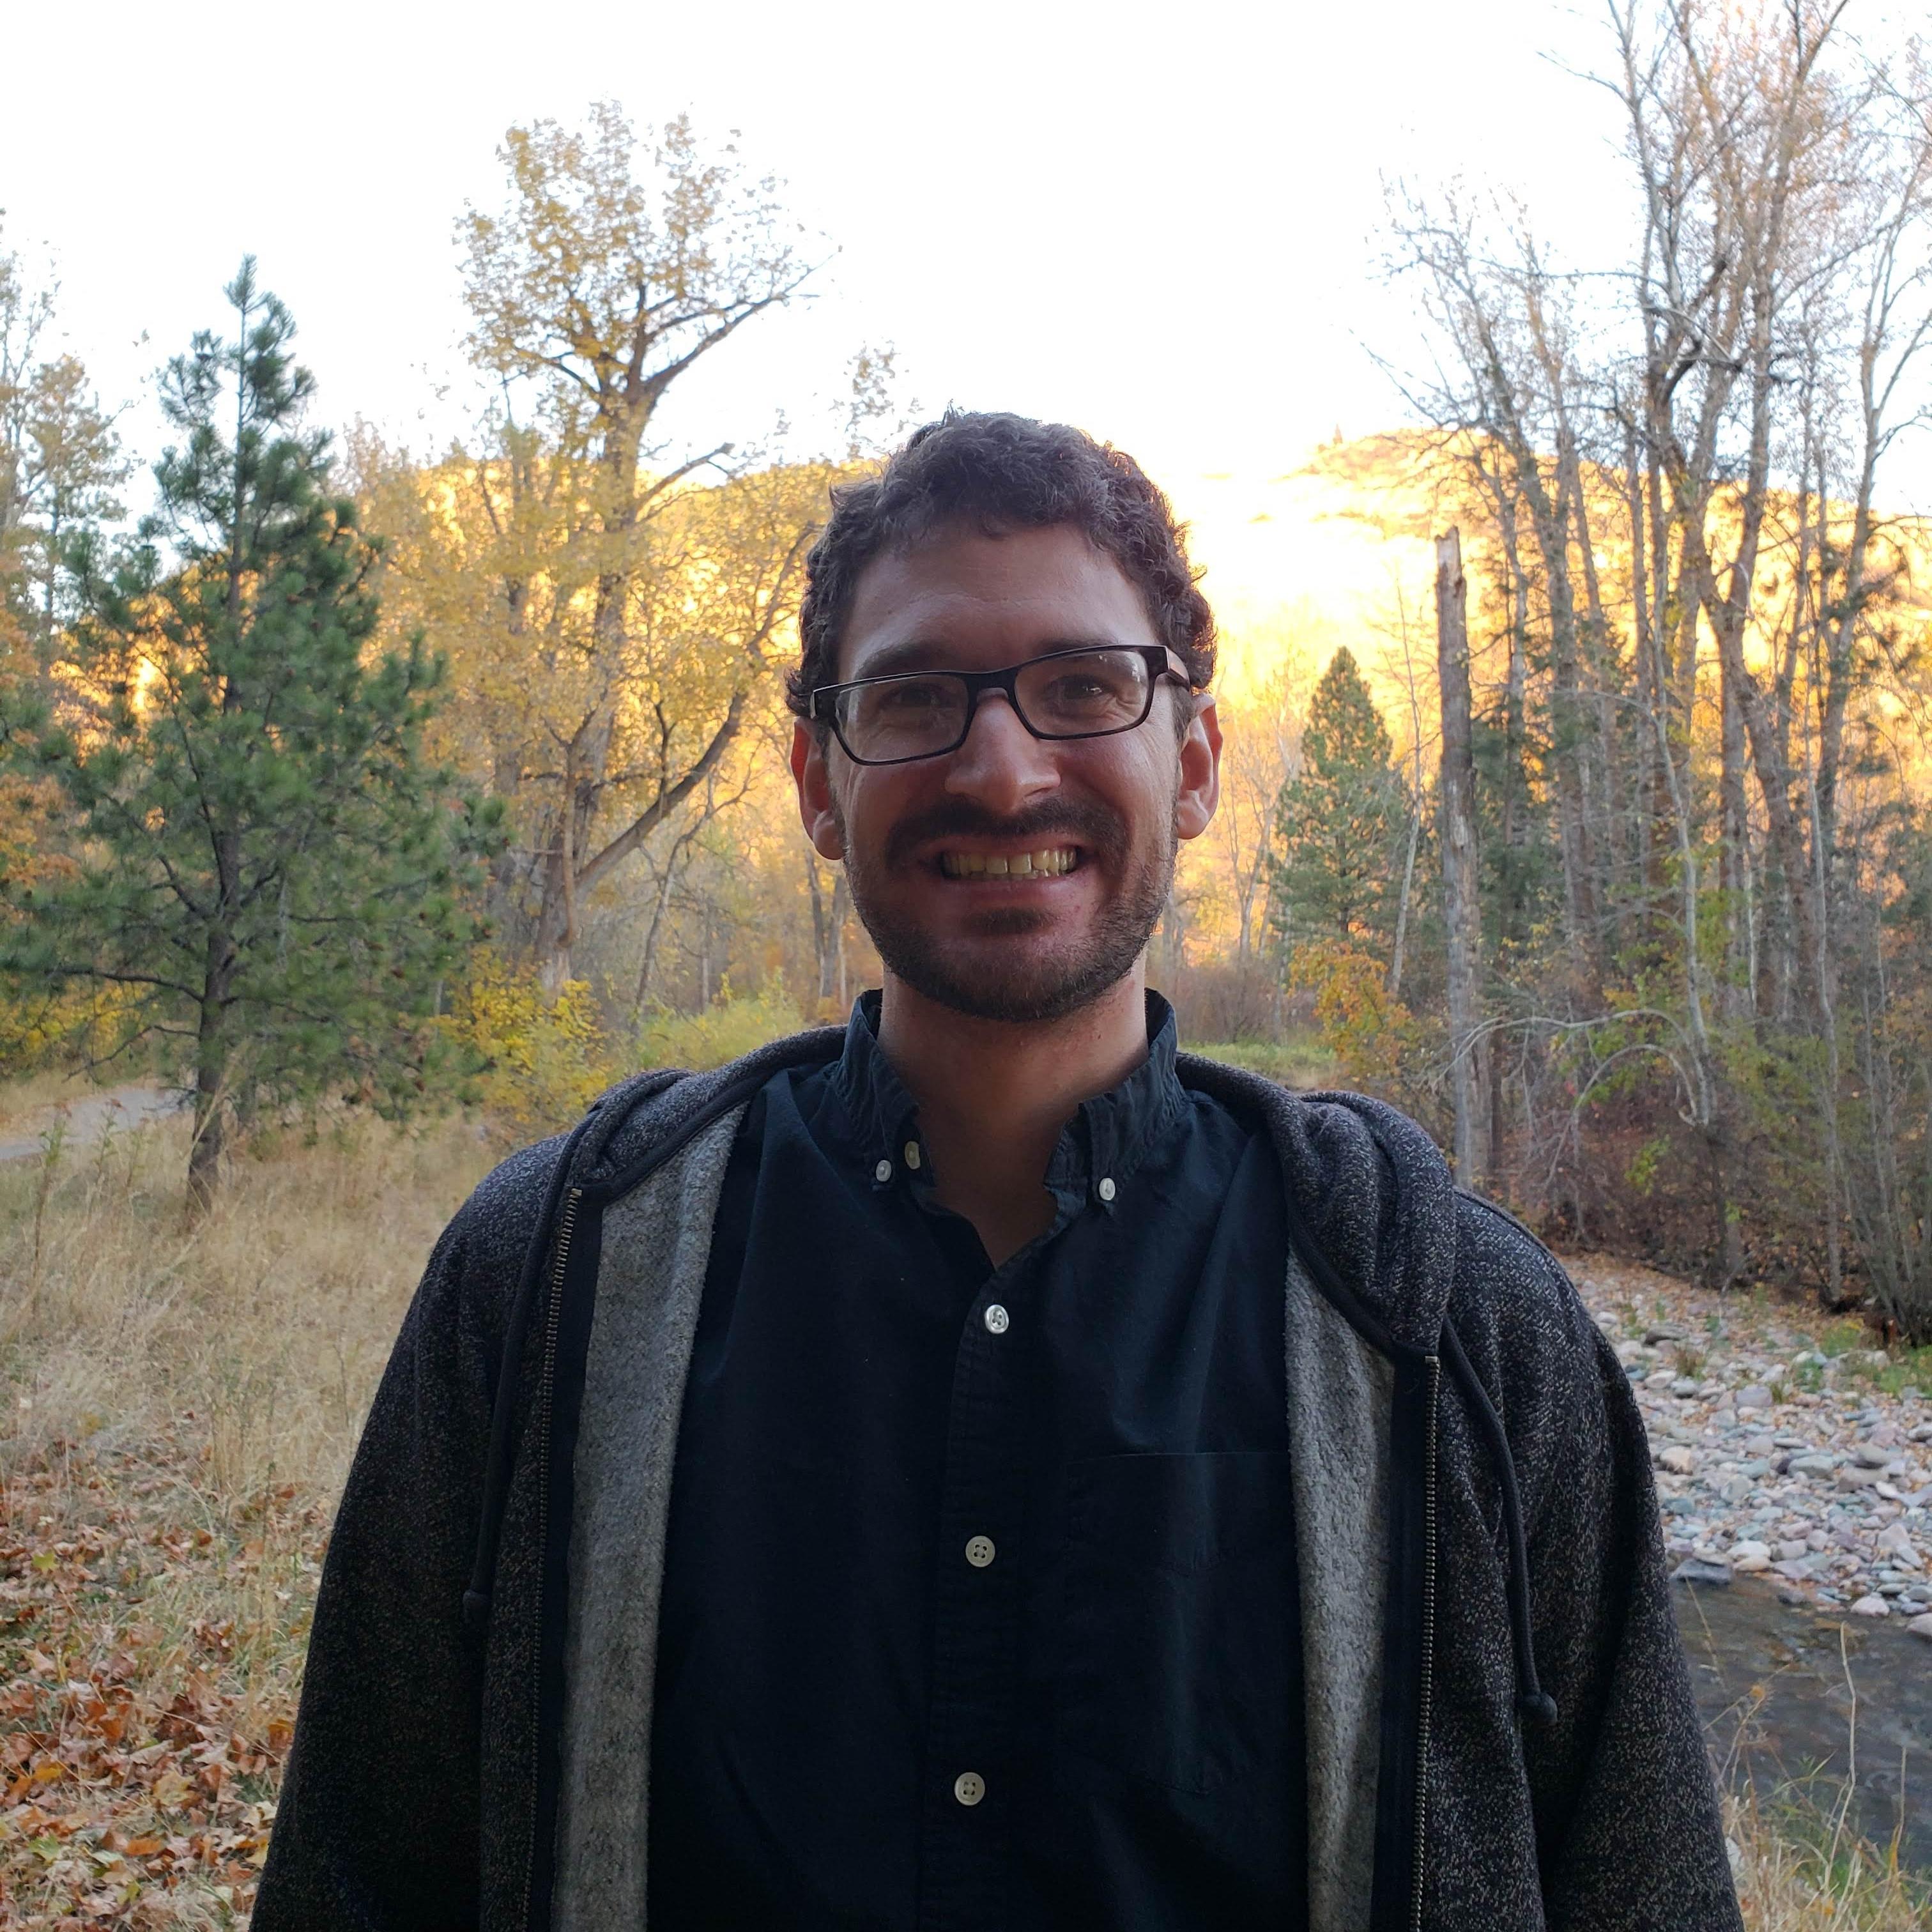 Daniel Barthelmeh